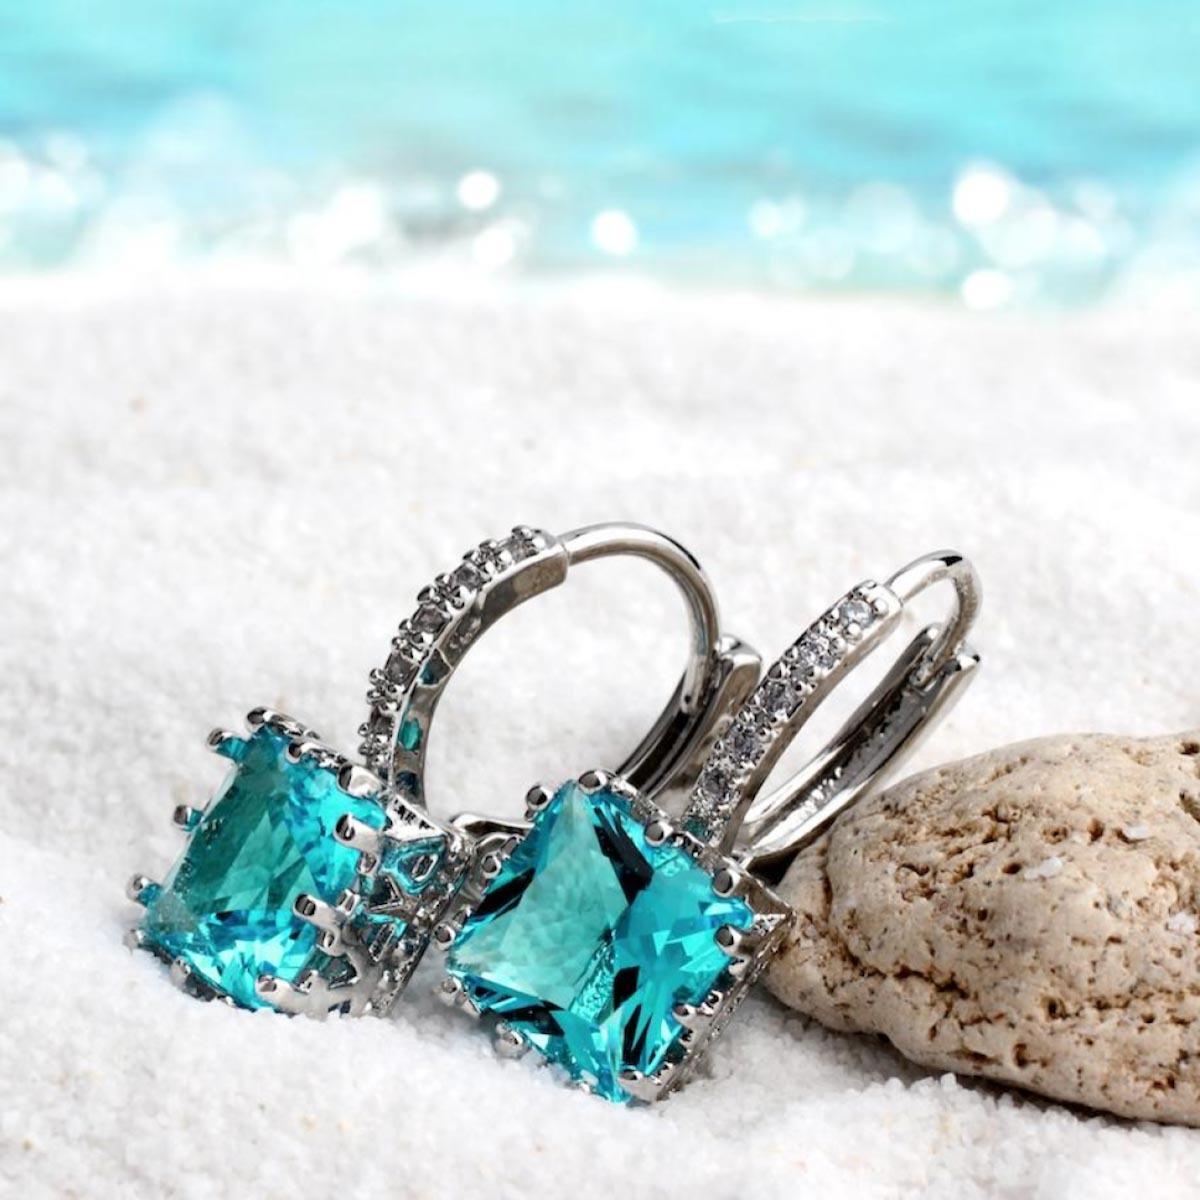 3月誕生石藍寶石原意為「海水」,航海家隨身攜帶祈求順利